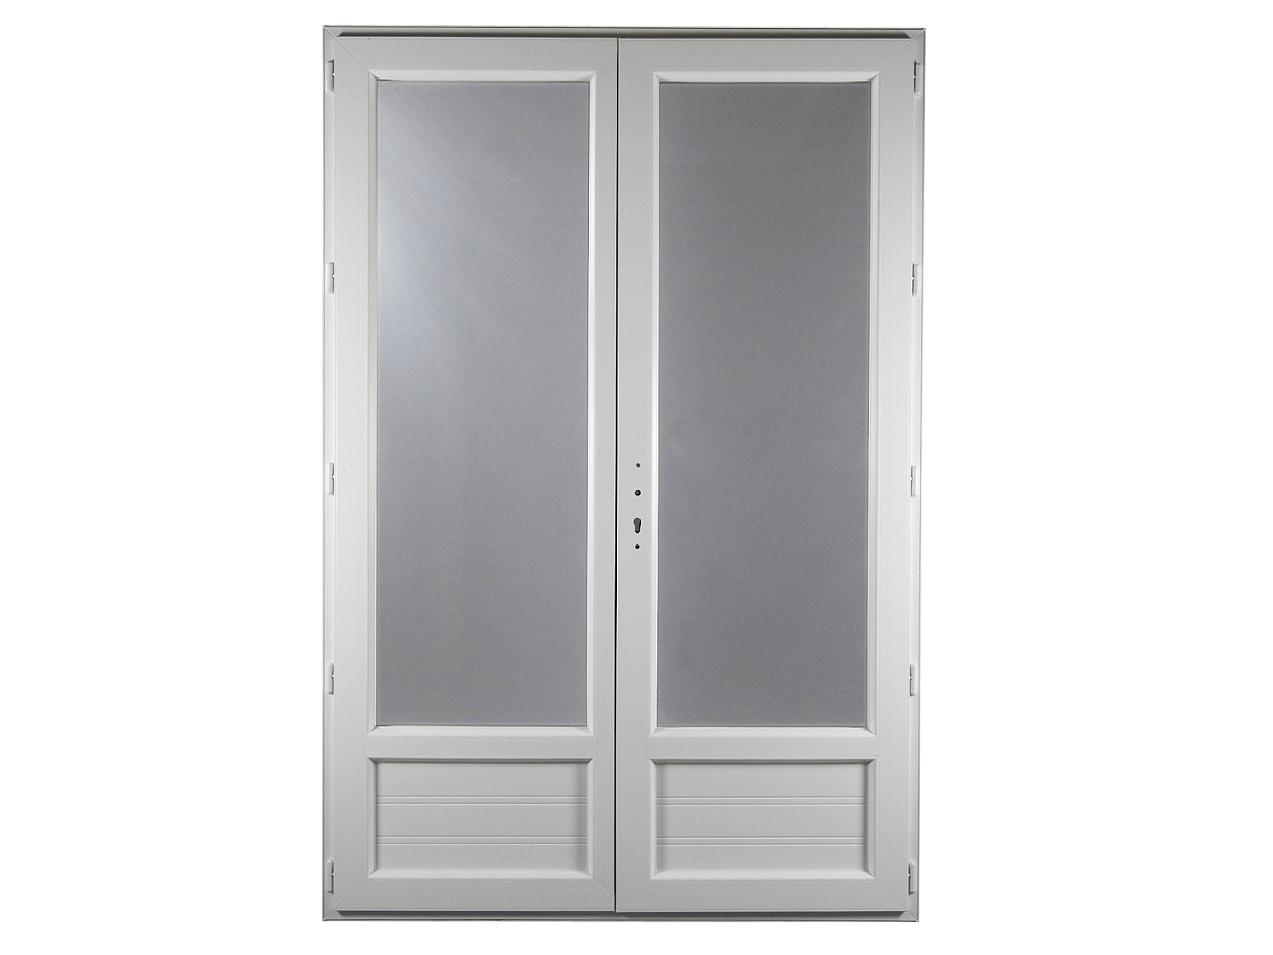 Porte Fenetre Pvc Gamme E Pro 2 Vantaux H 215 X L 150 Cm